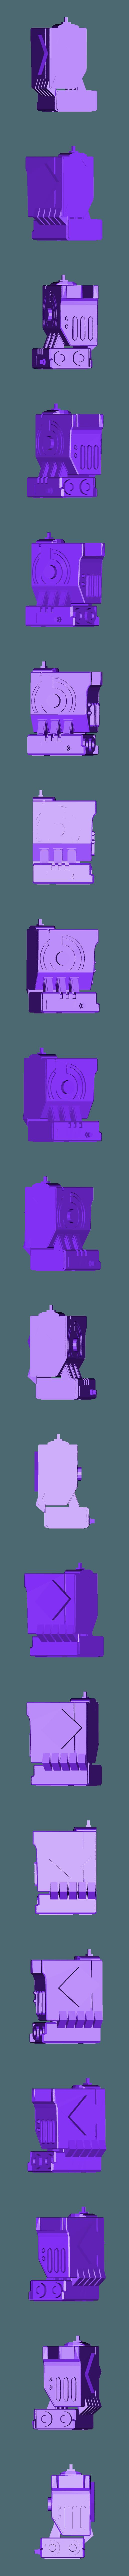 20Storm_Surge_shoulderX2_repaired.stl Download free OBJ file Tempest Rush Mech • 3D printer model, Leesedrenfort